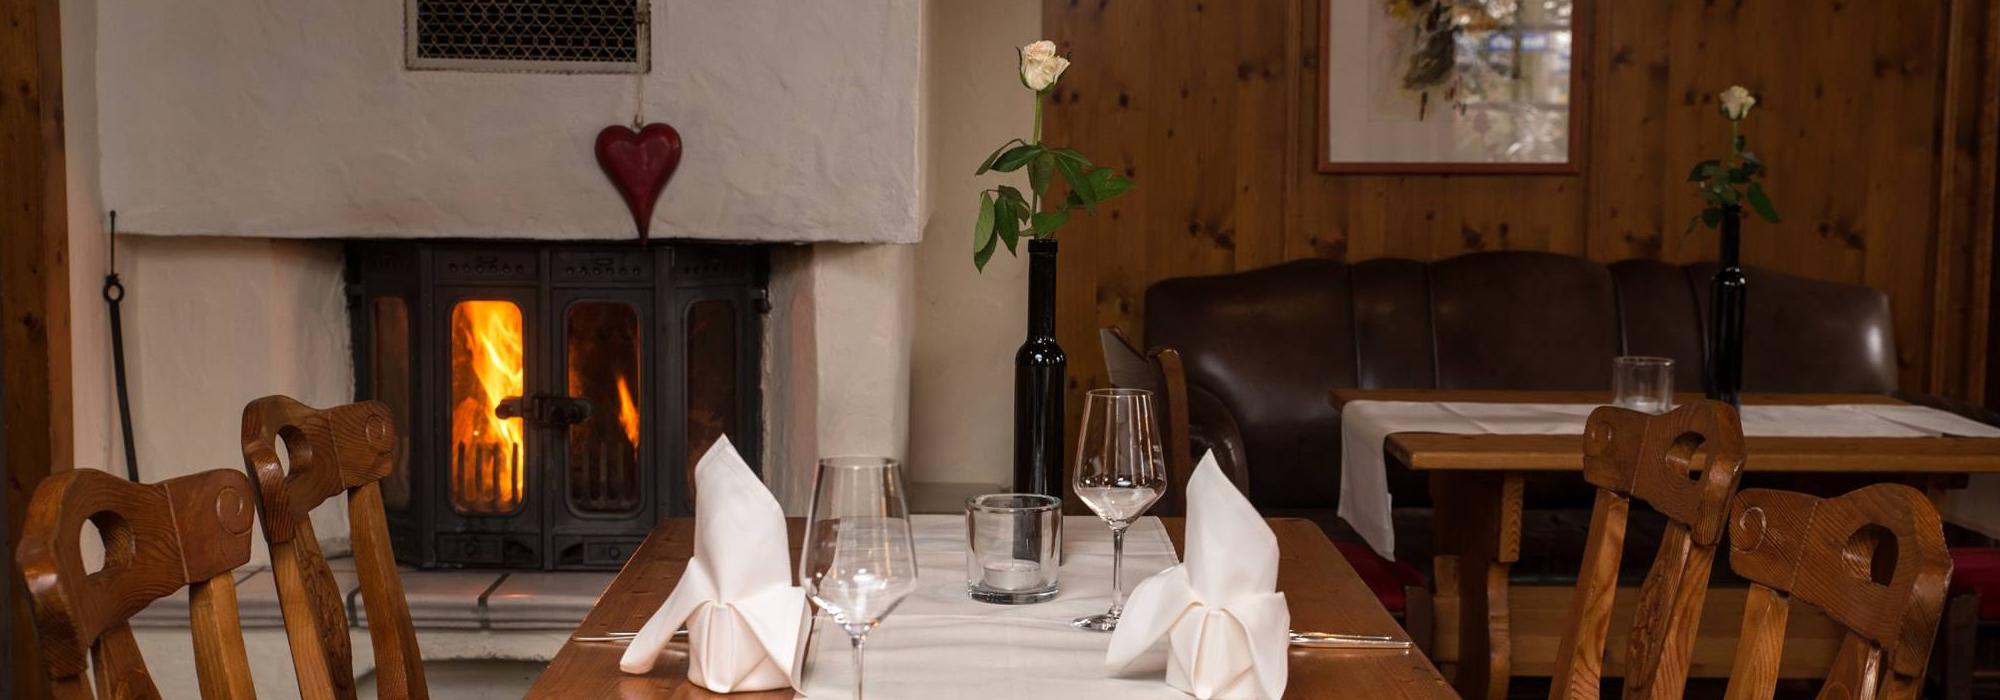 Restaurant Am Dorfbrunnen